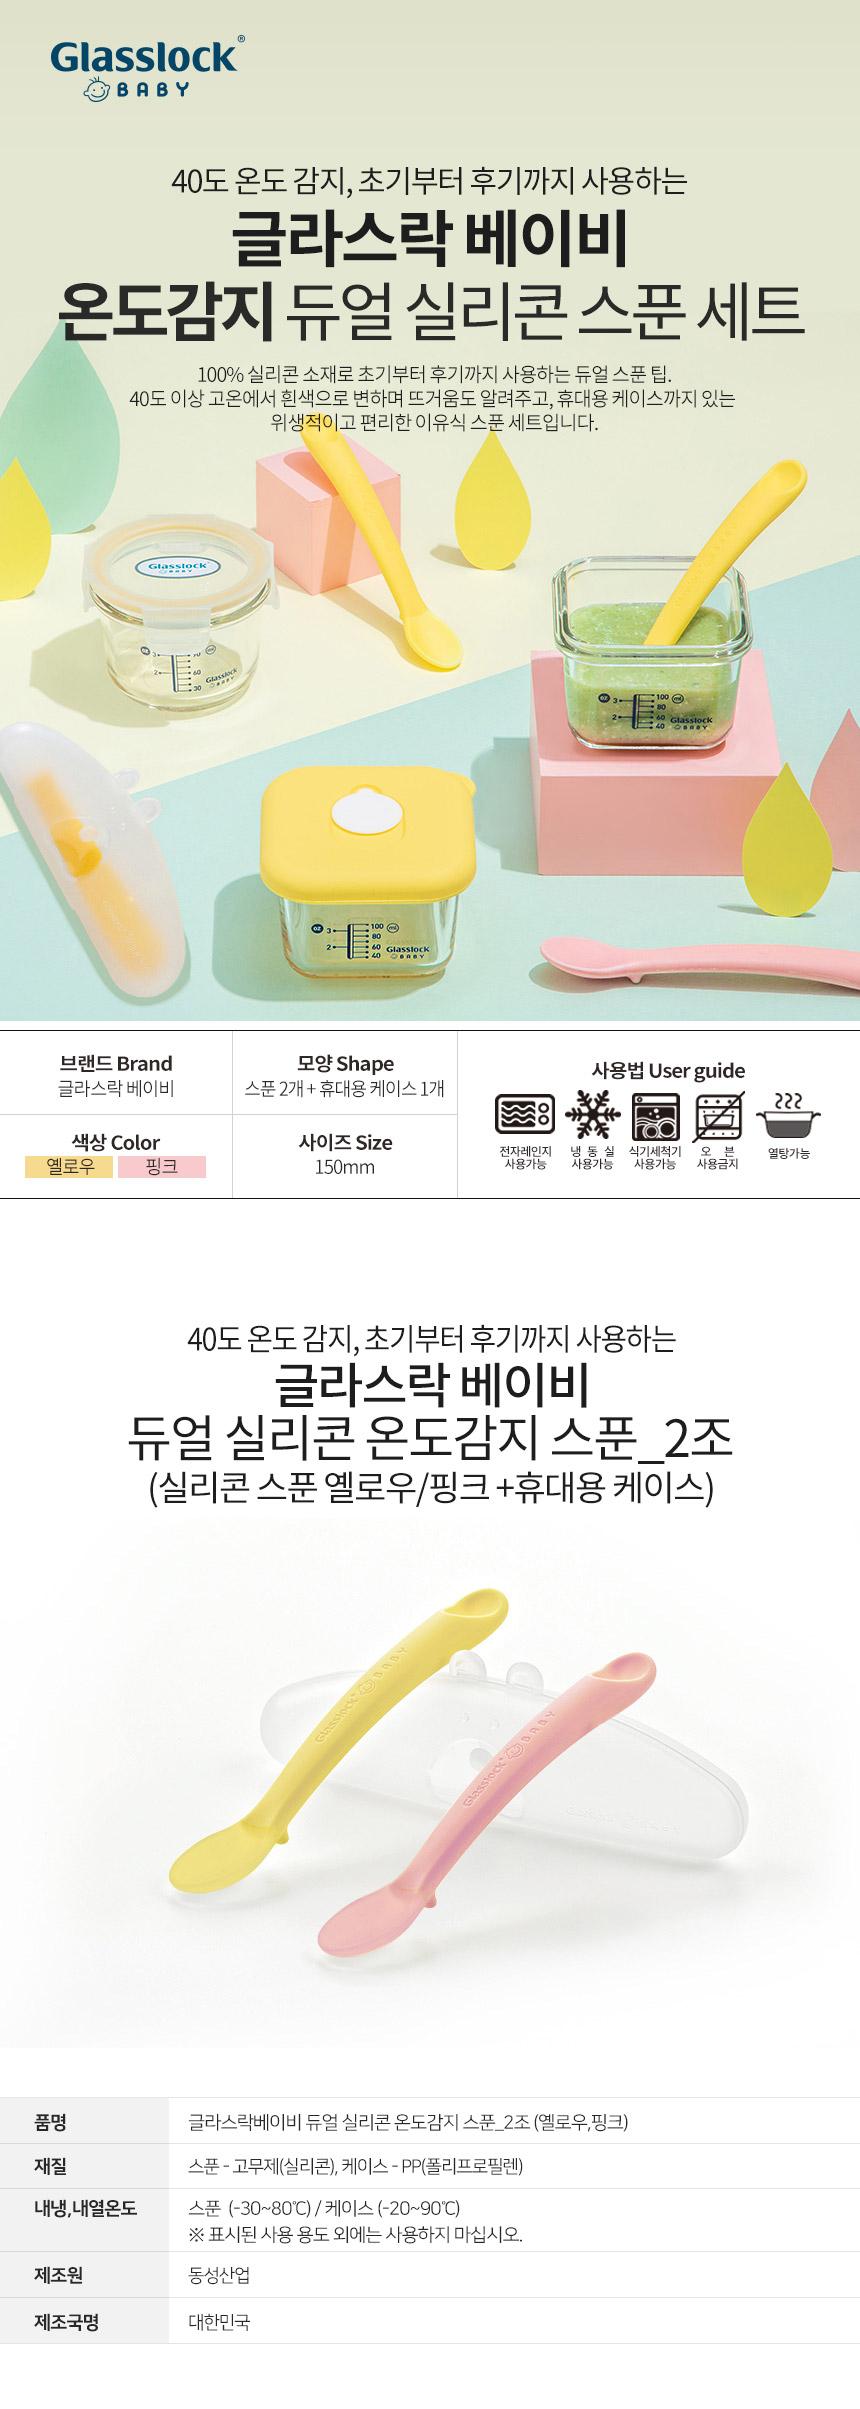 온도감지실리콘스푼 2조(옐로우,핑크)_01.jpg